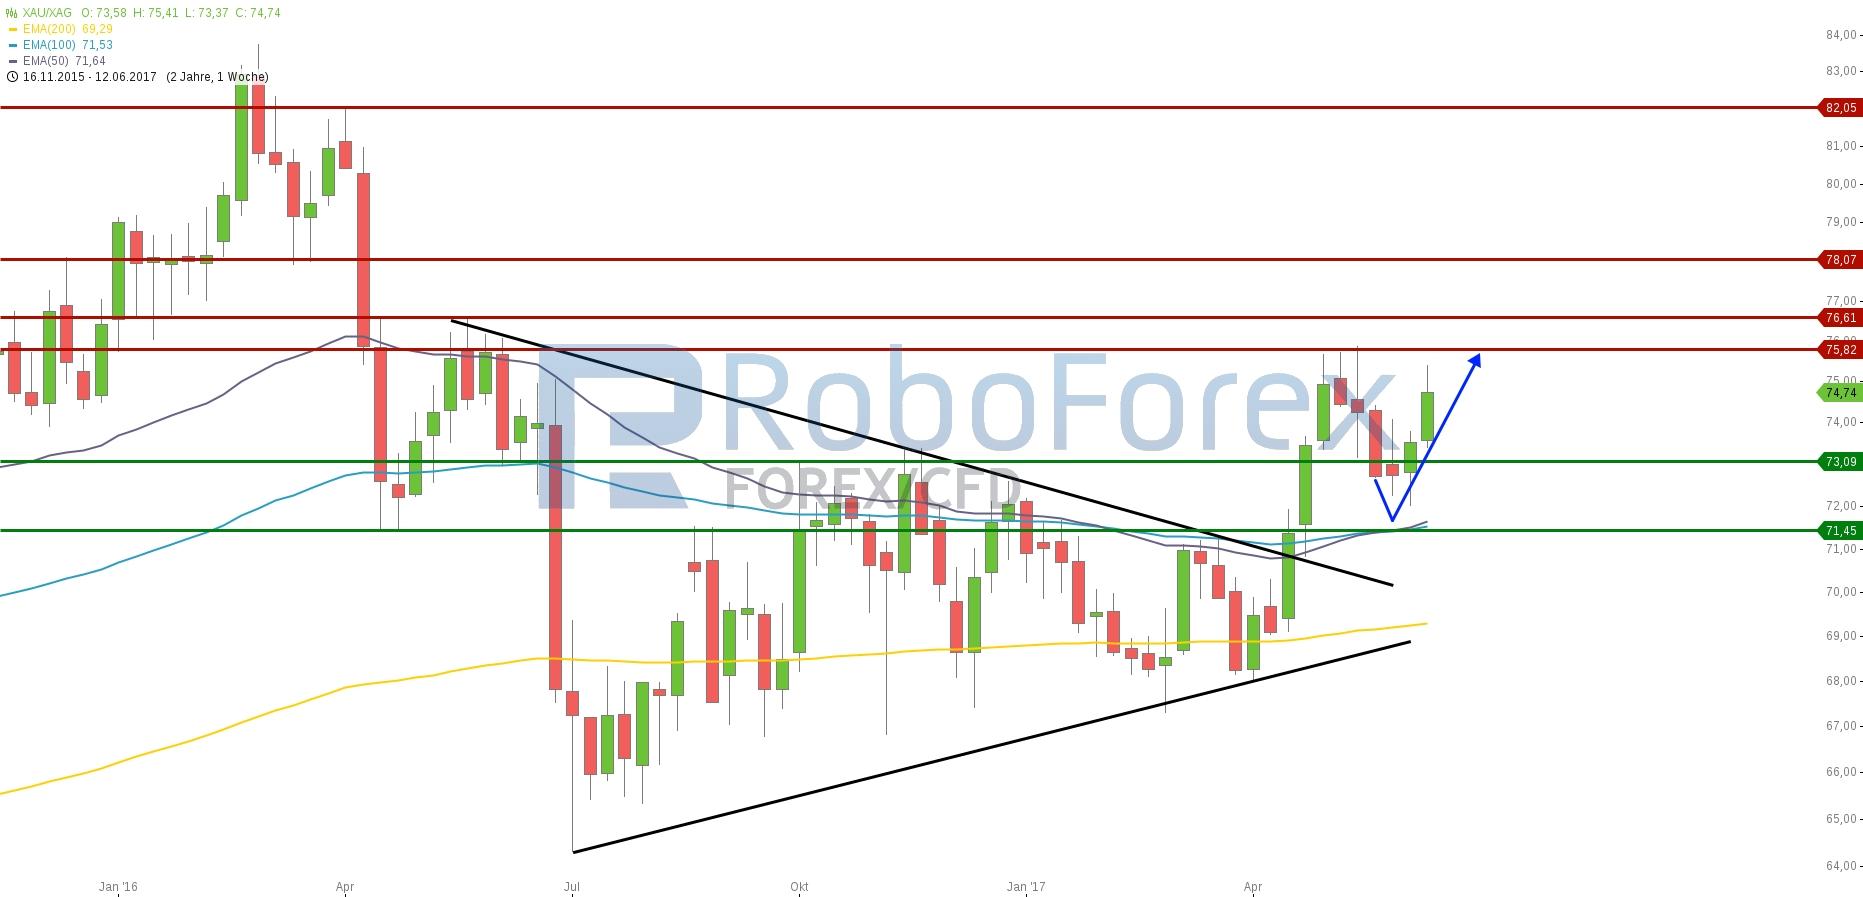 chart-15062017-2034-xauxag-roboforex.jpg